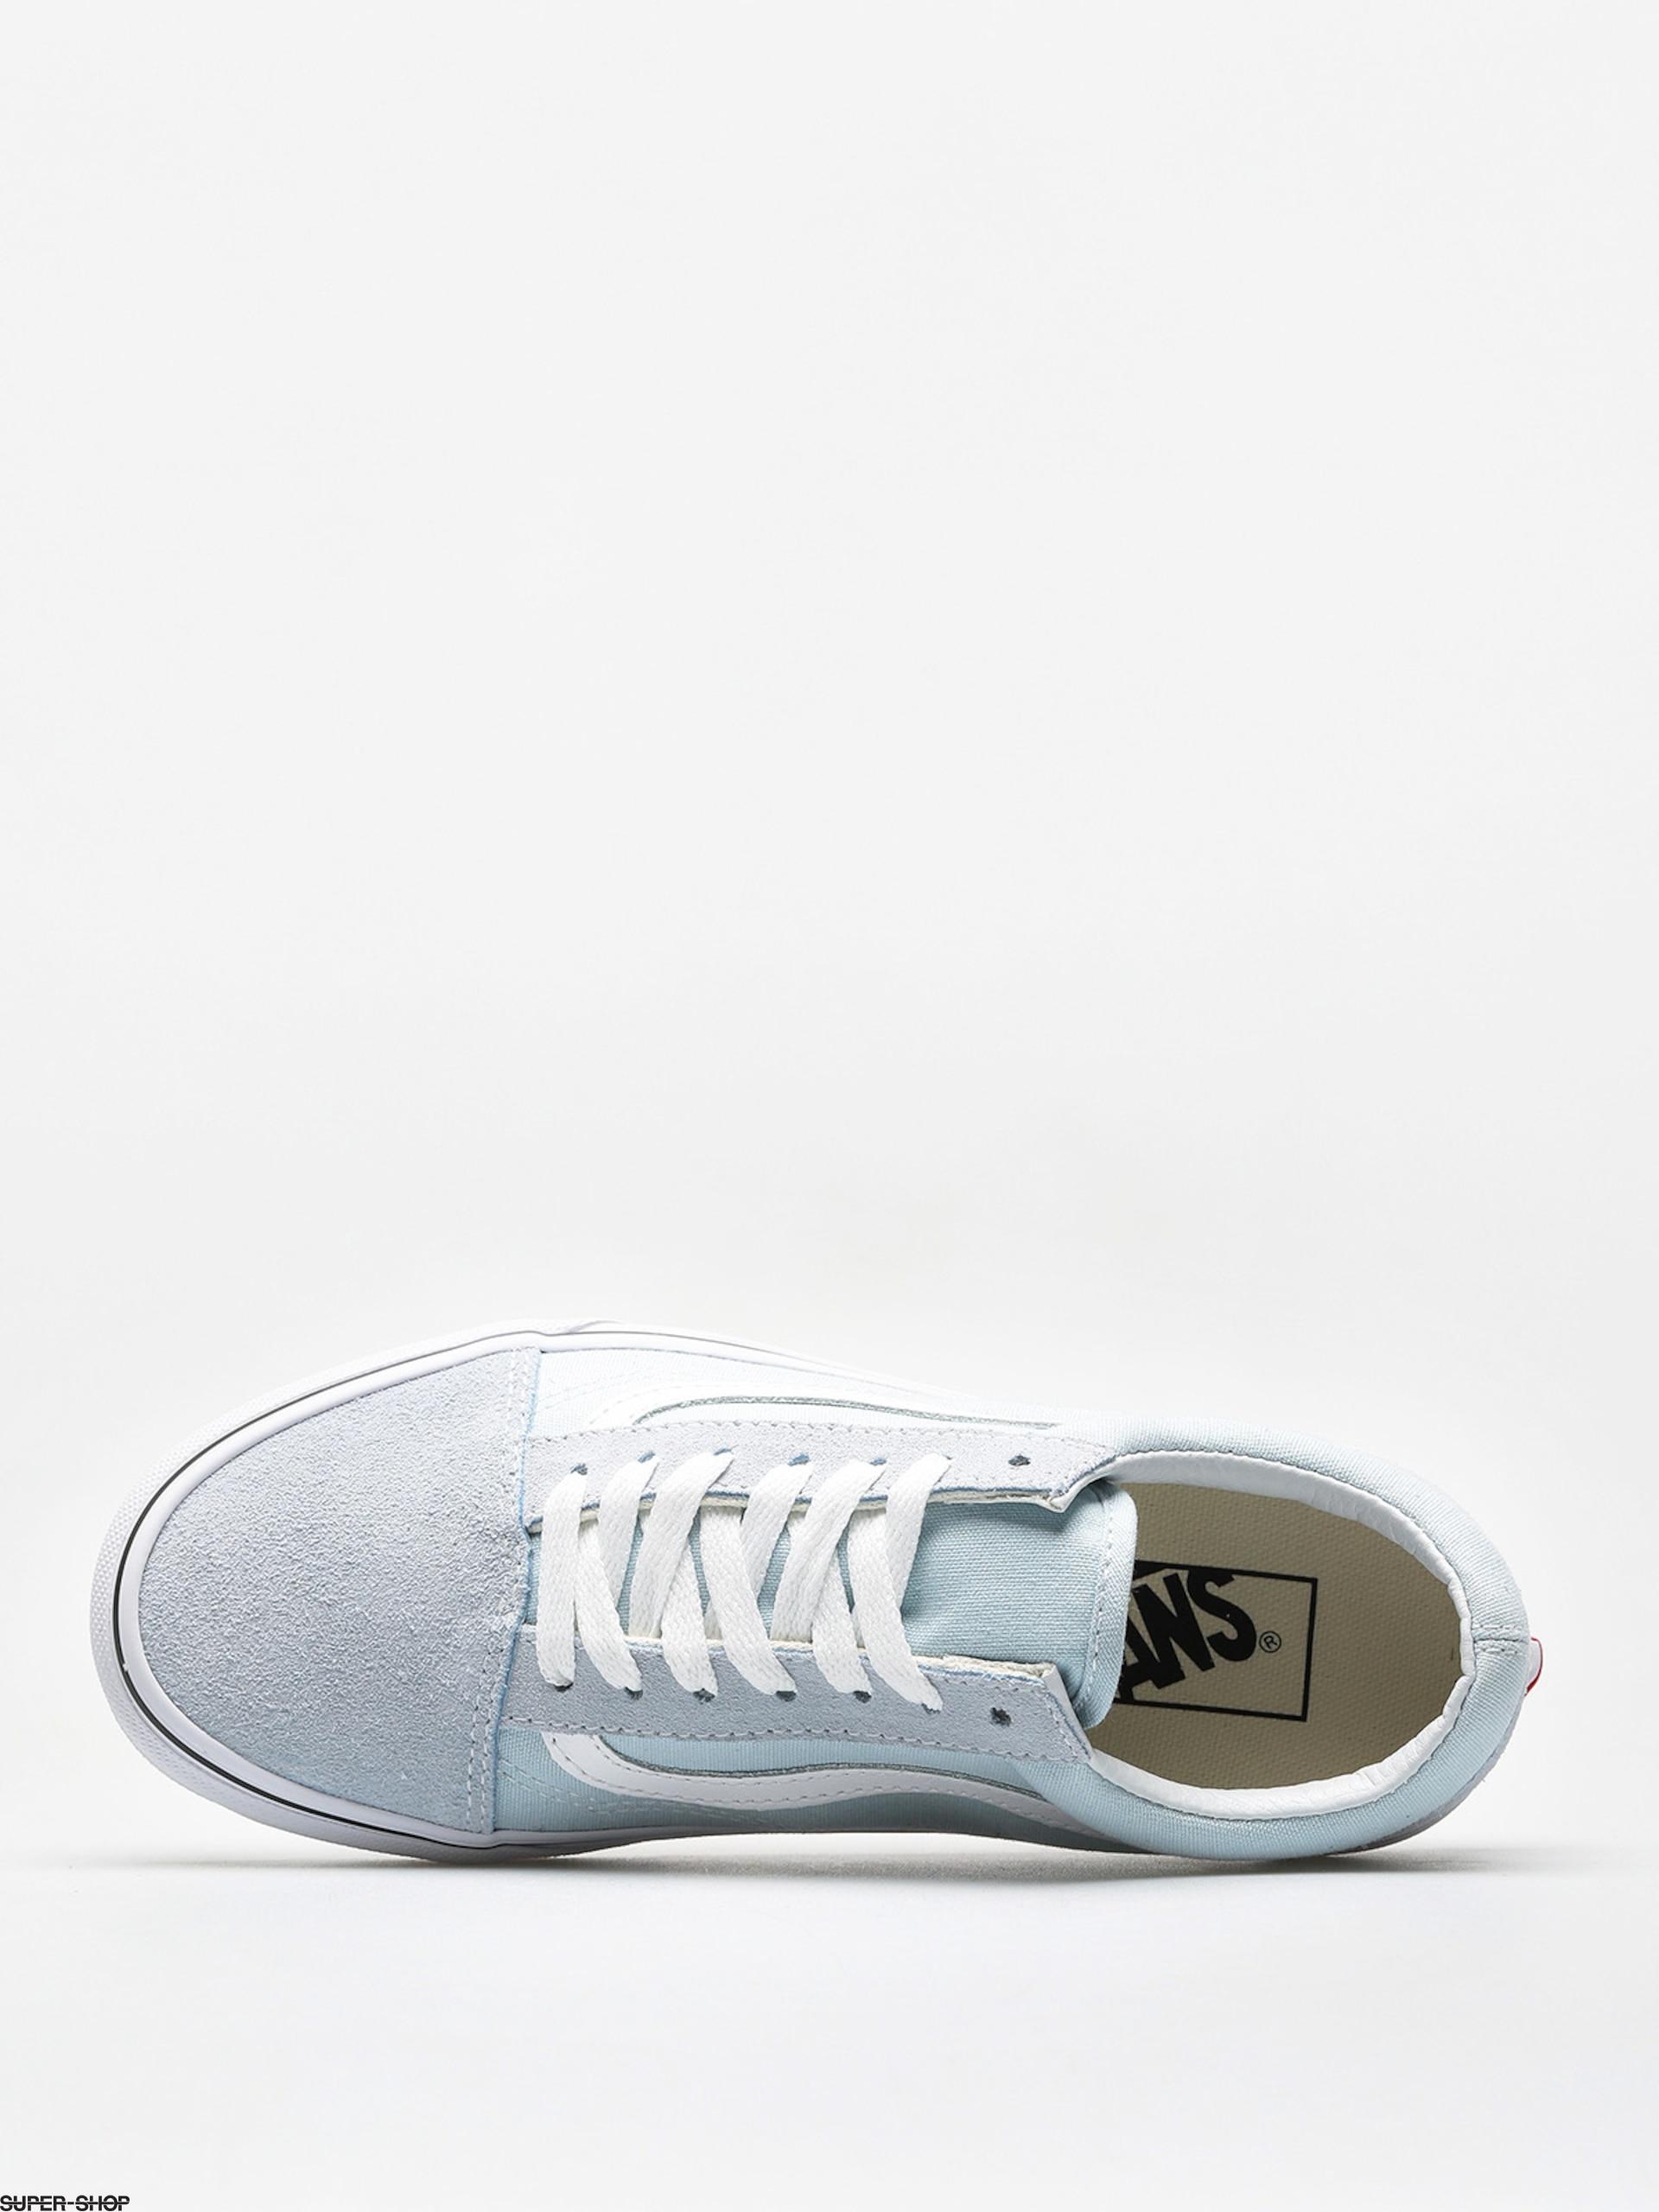 Old Skoolbaby Schuhe Bluetrue White Vans Ktfclj13 TKJF1ul3c